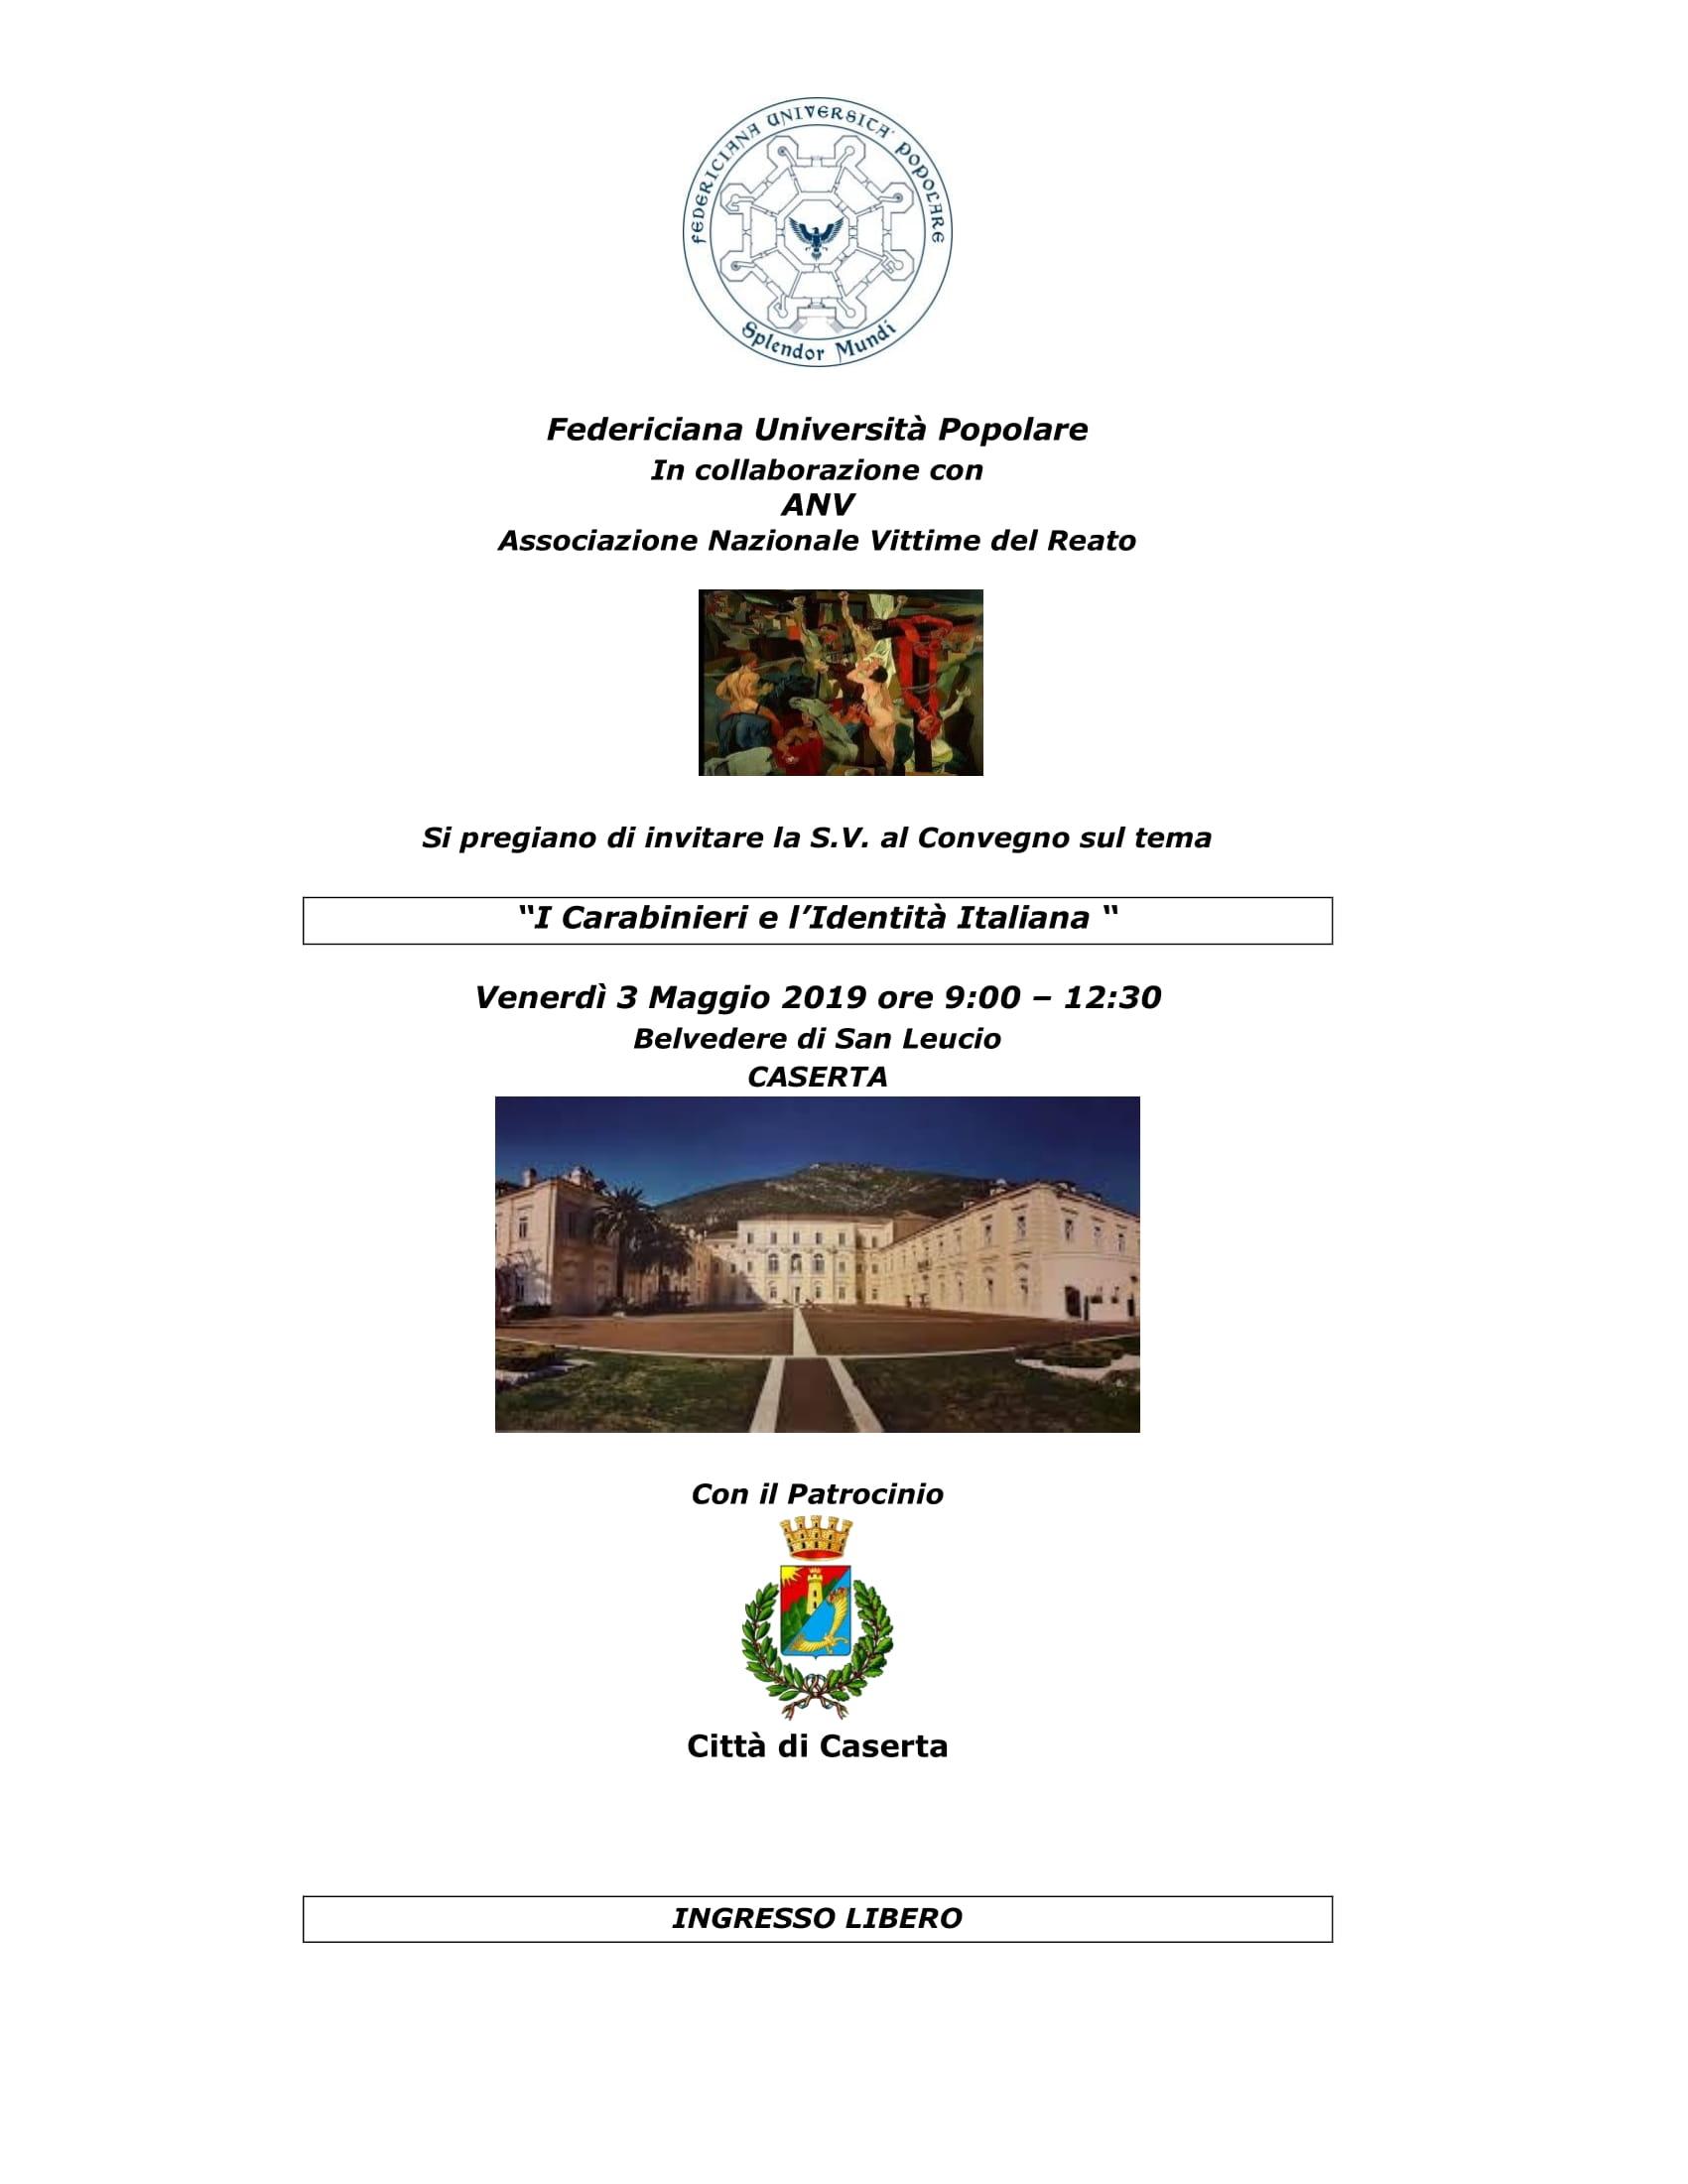 Convegno I Carabinieri e l'Identità Italiana | Caserta 03.05.2019